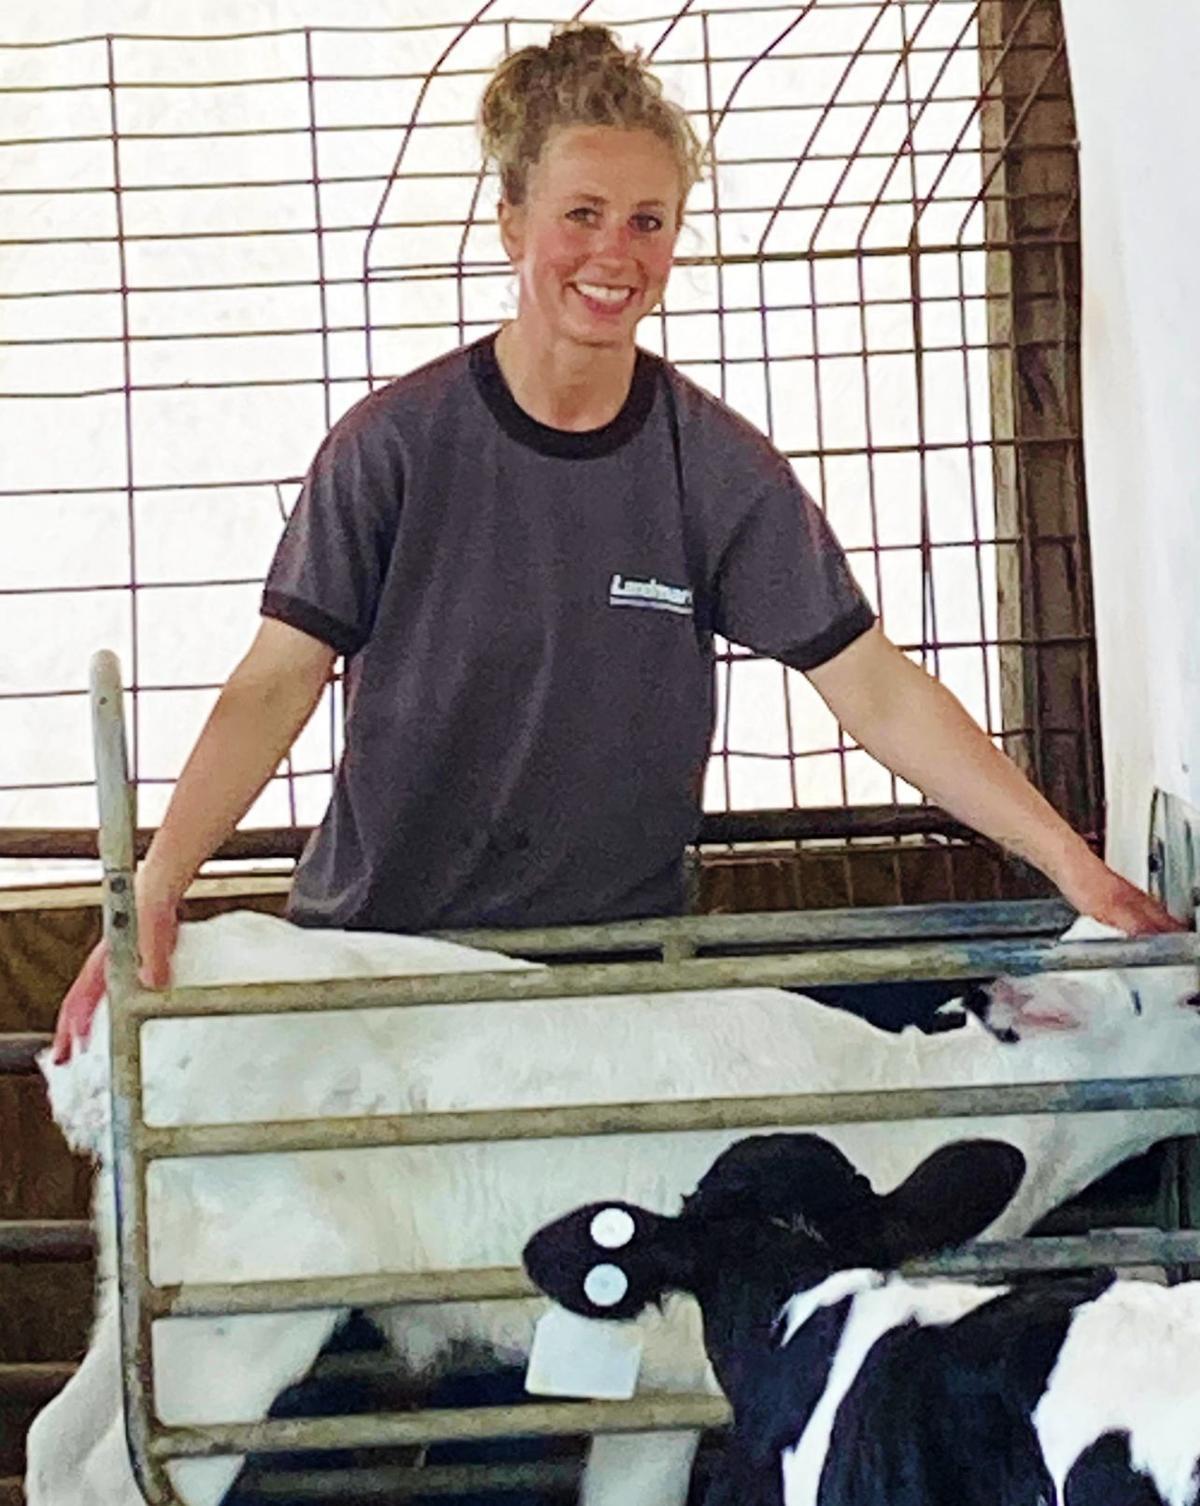 Sarah Sacker with calf